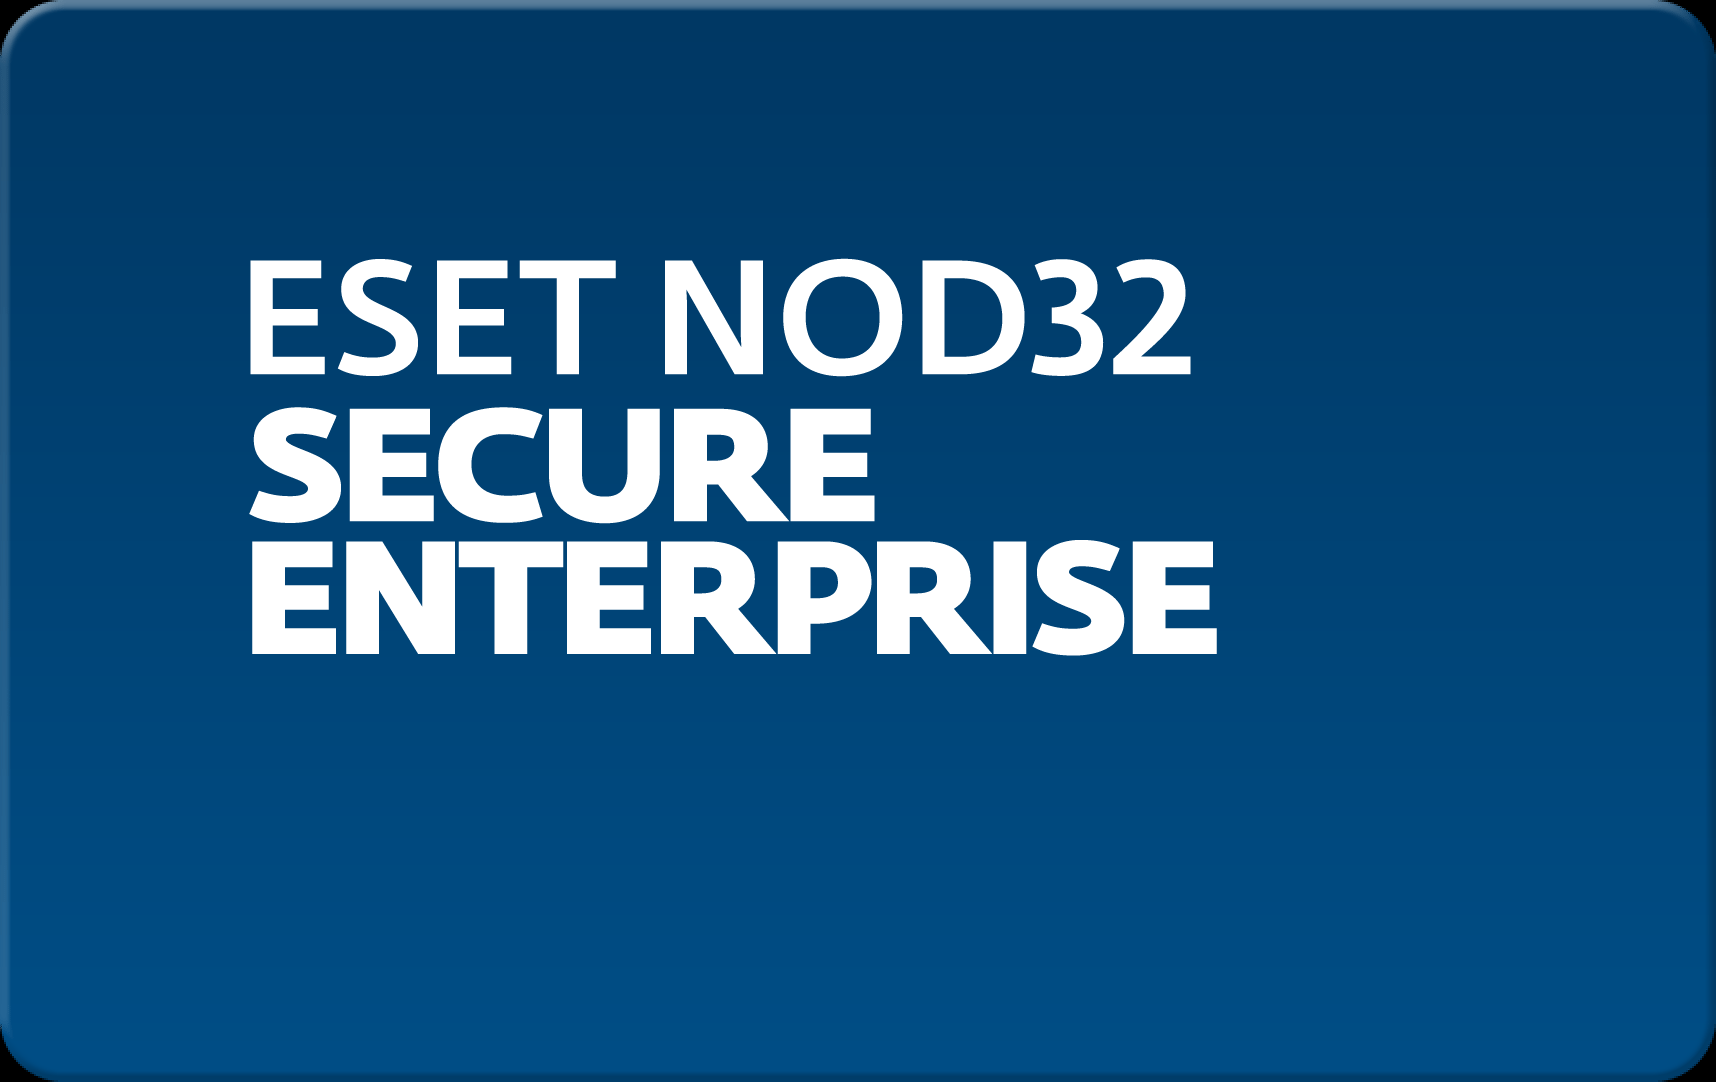 Кроссплатформенная антивирусная защита всех узлов корпоративной сети Eset NOD32 Secure Enterprise  для 38 пользователей